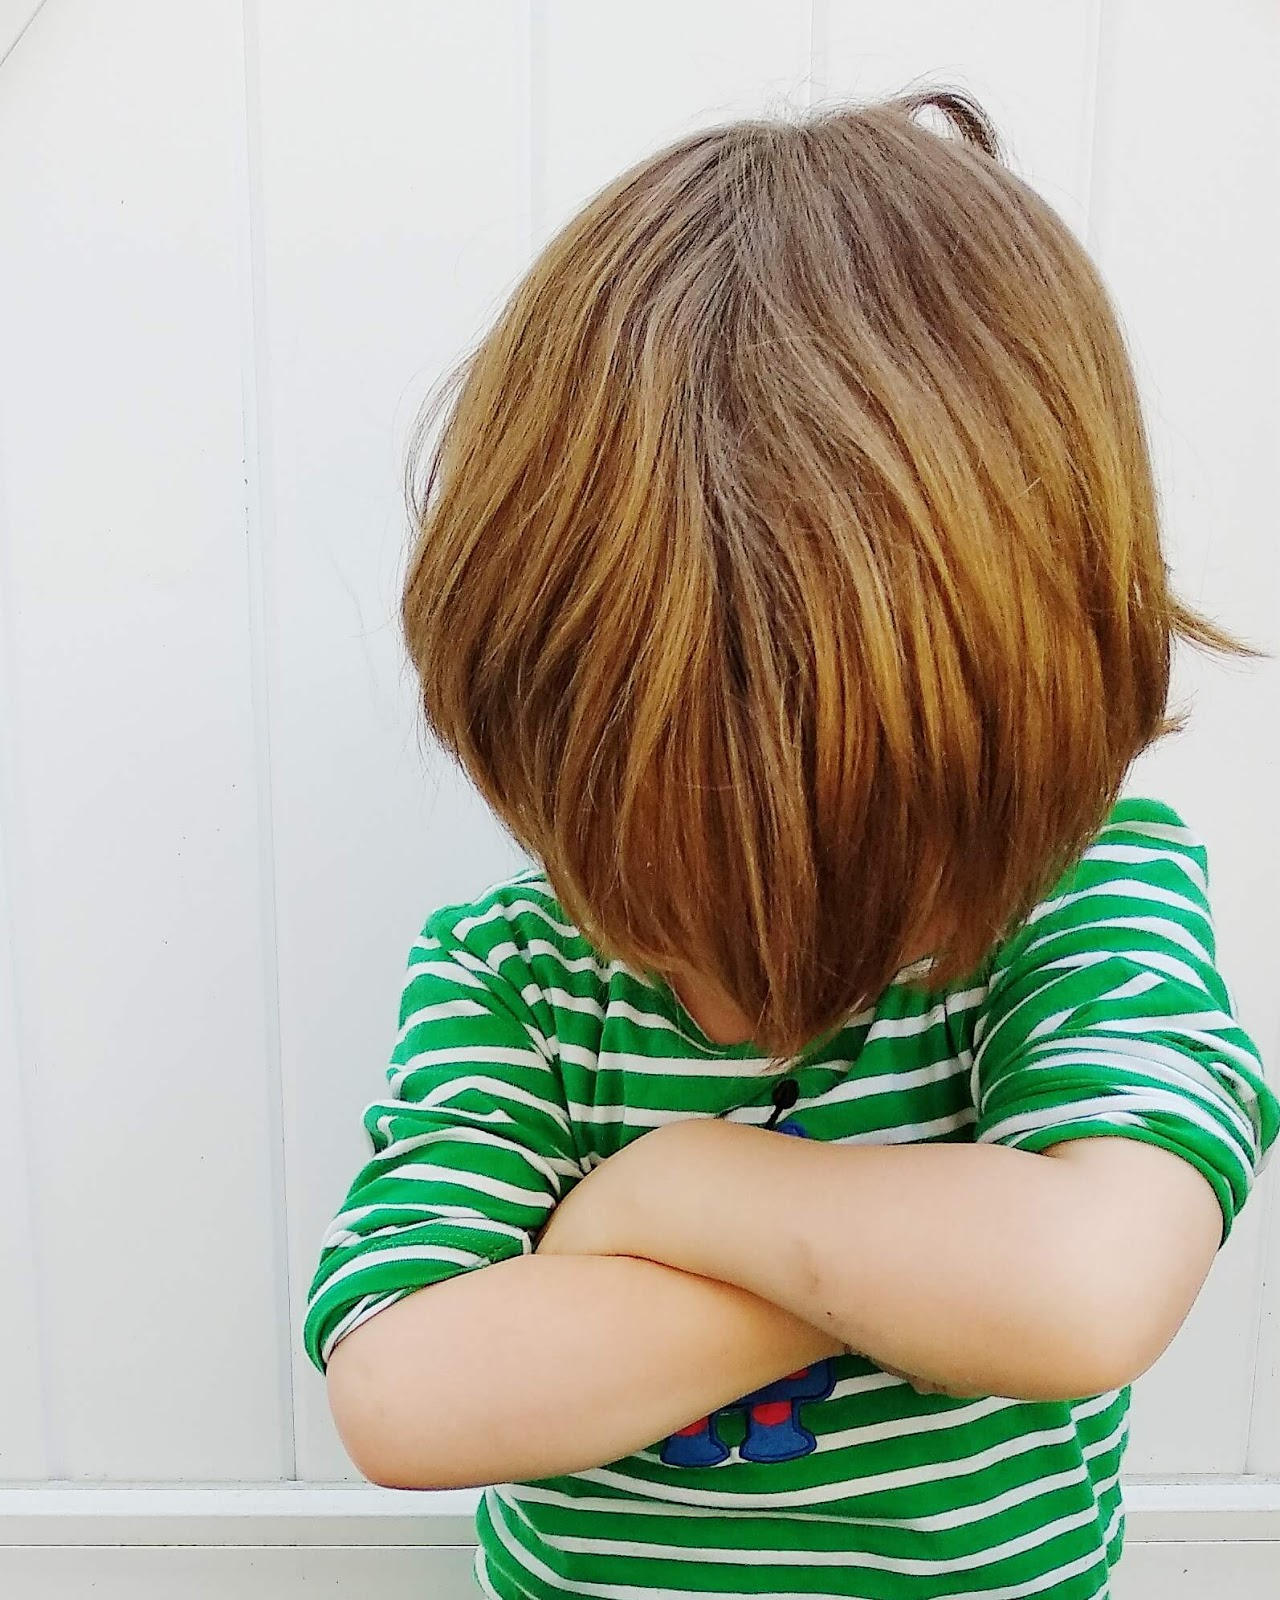 Gemeinsam aus dem Mamsterrad: Mit Wutanfällen besser umgehen lernen